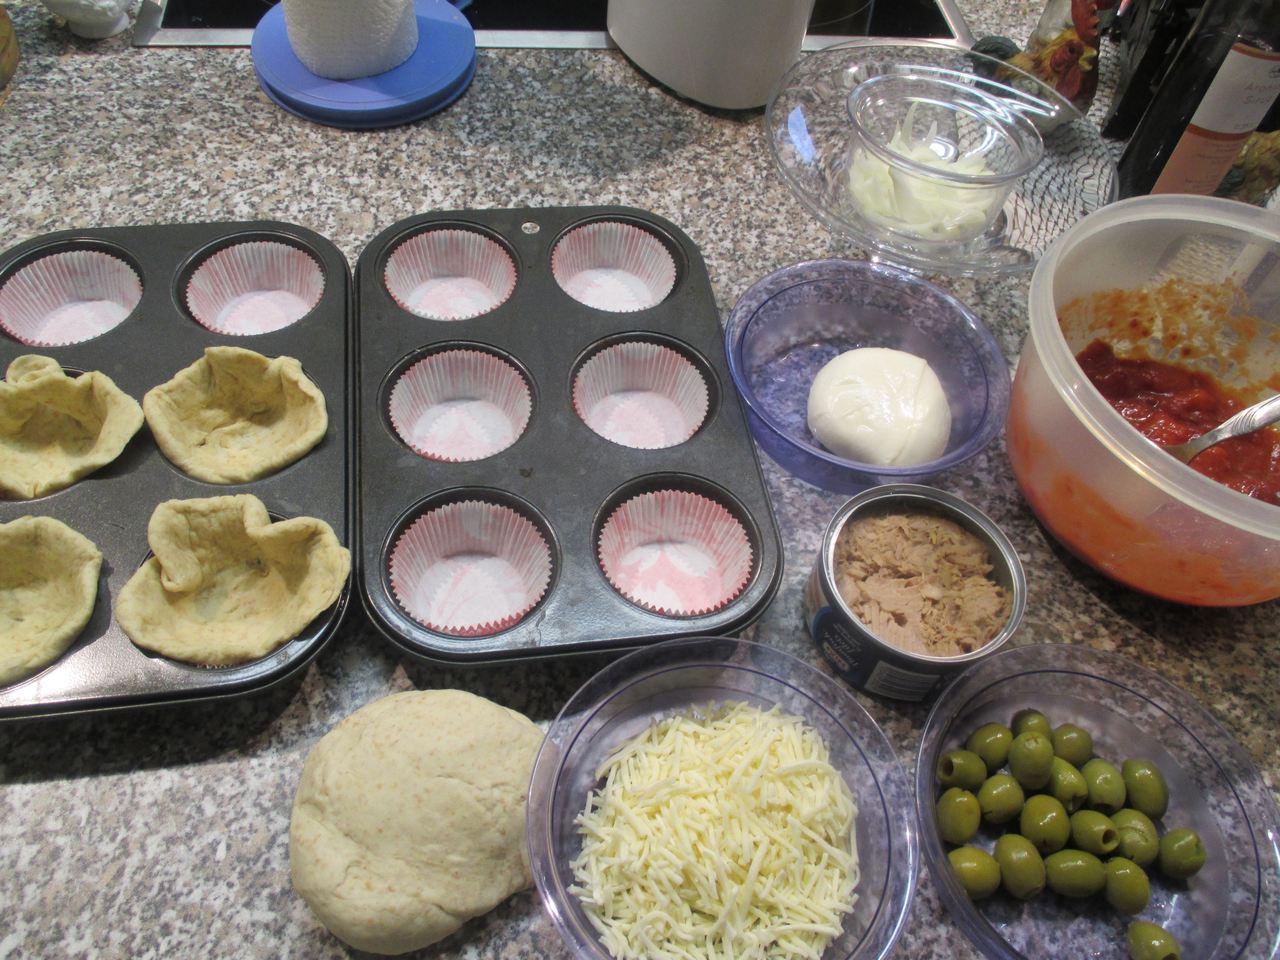 Den Teig in Förmchen, Muffin-Backblech  verteilen